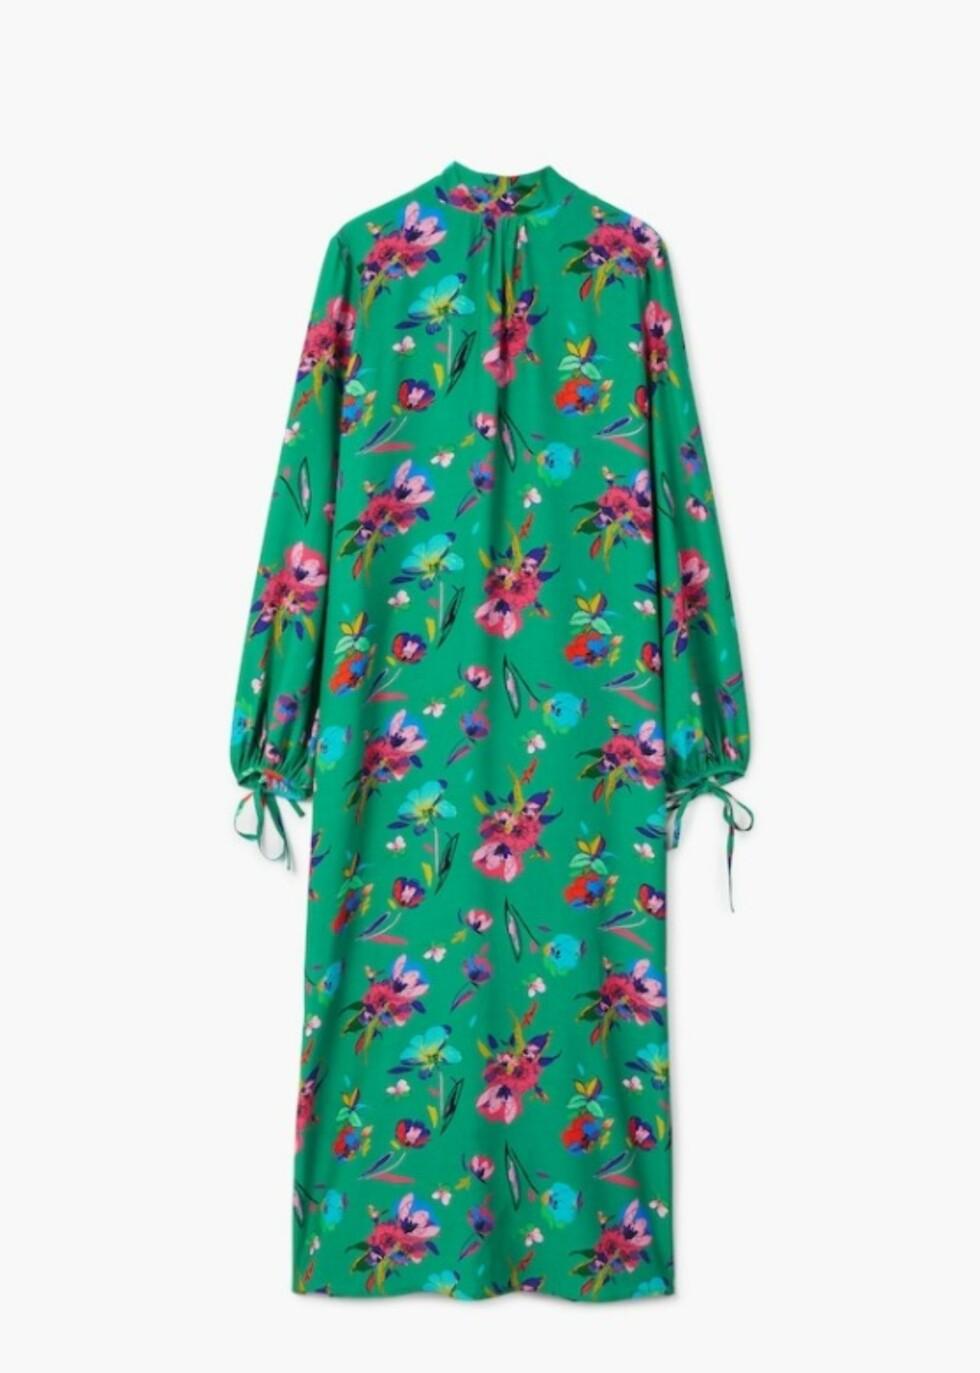 Kjole fra Mango |499,-| https://shop.mango.com/no/damer/kjoler-lang/blomstrete-kjole-med-sl%C3%B8yfe_23060828.html?c=43&n=1&s=nuevo&ts=1518172306849